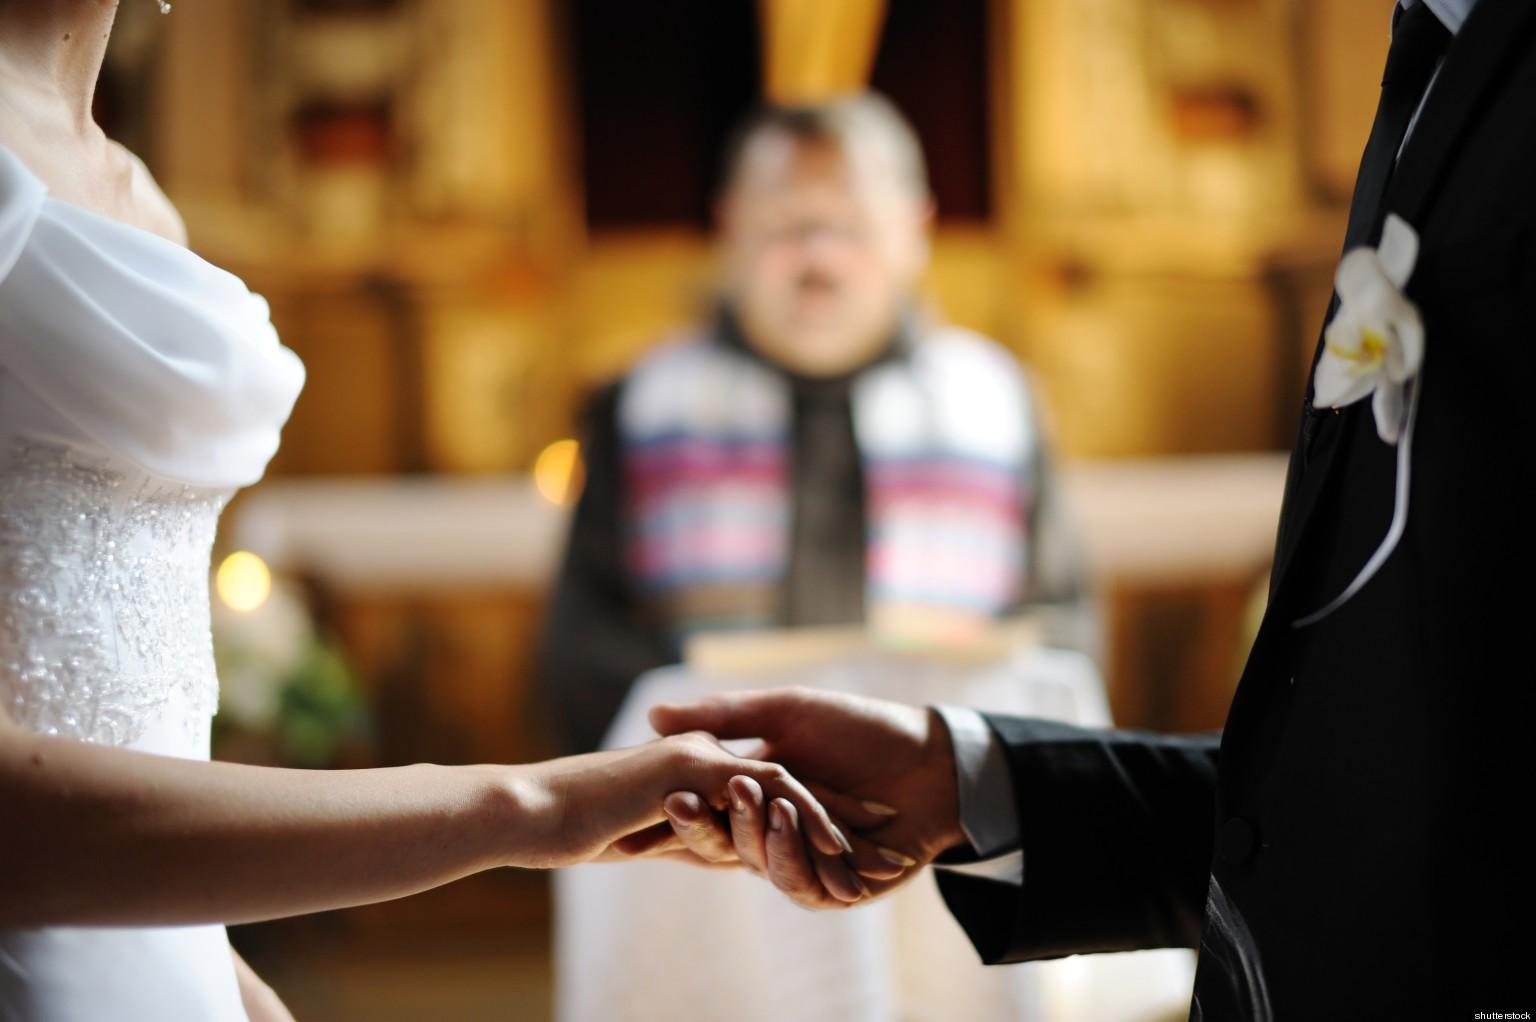 Hậu ly hôn, dù mỗi người đều có gia đình mới nhưng tôi và chồng cũ vẫn sống cùng nhau dưới một mái nhà - Ảnh 1.